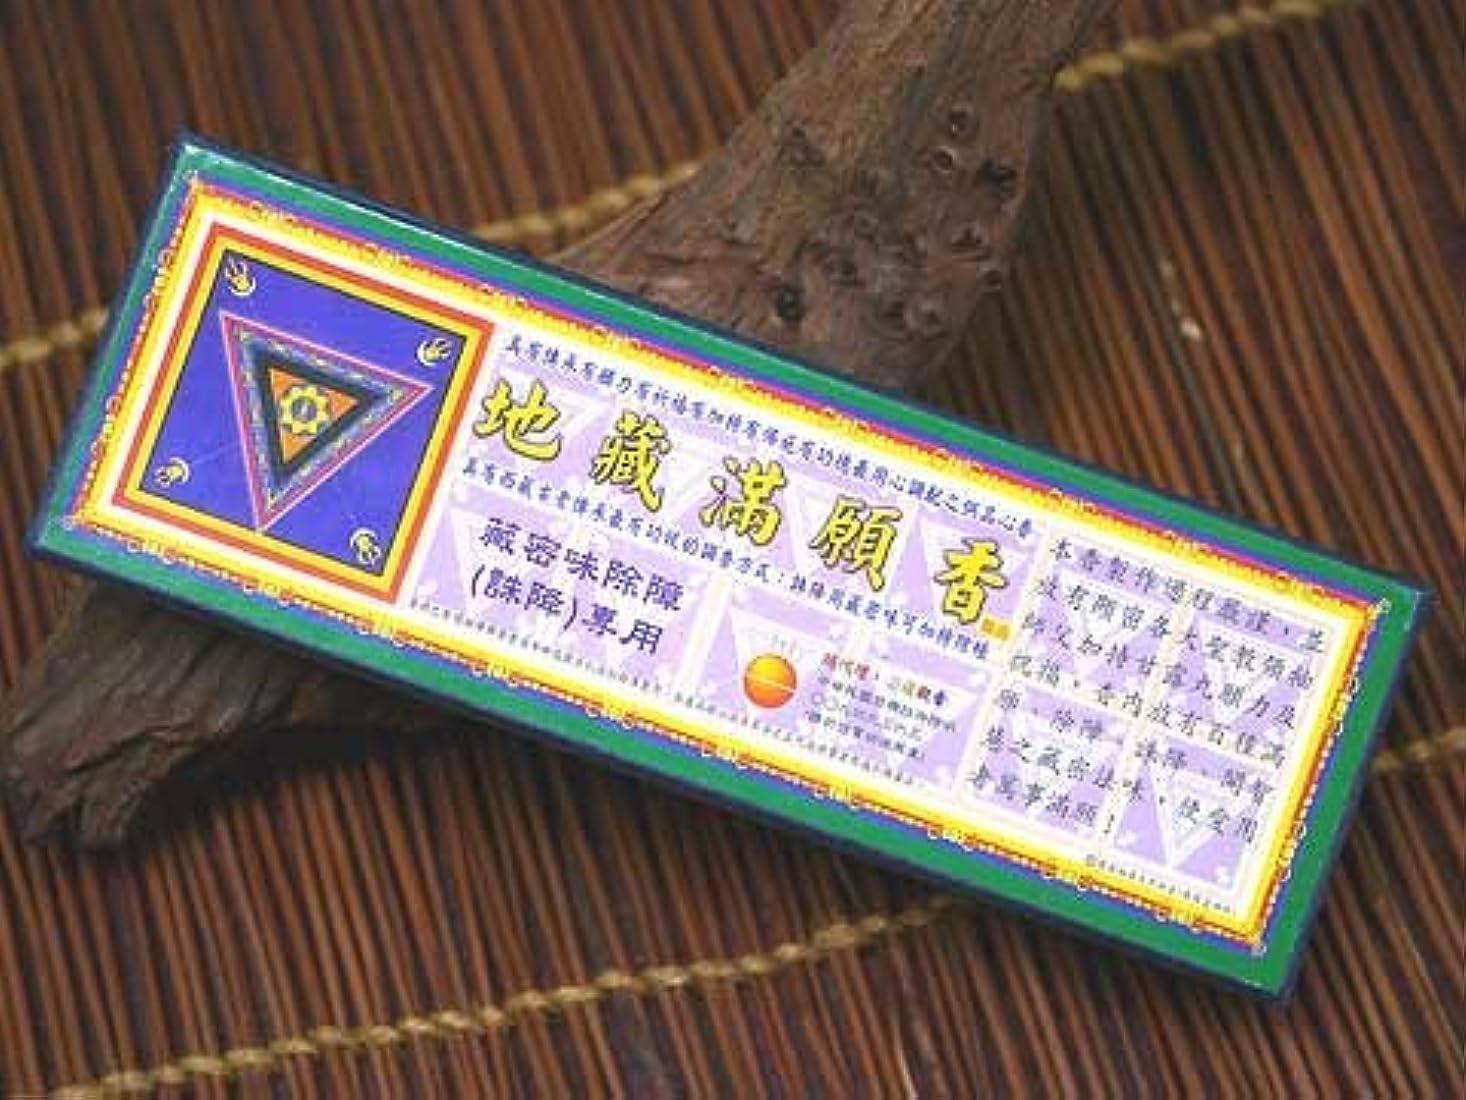 消毒する有効セクタ地蔵満願香 台湾のお香 彩蓮観音 地蔵満願香 おタイプ